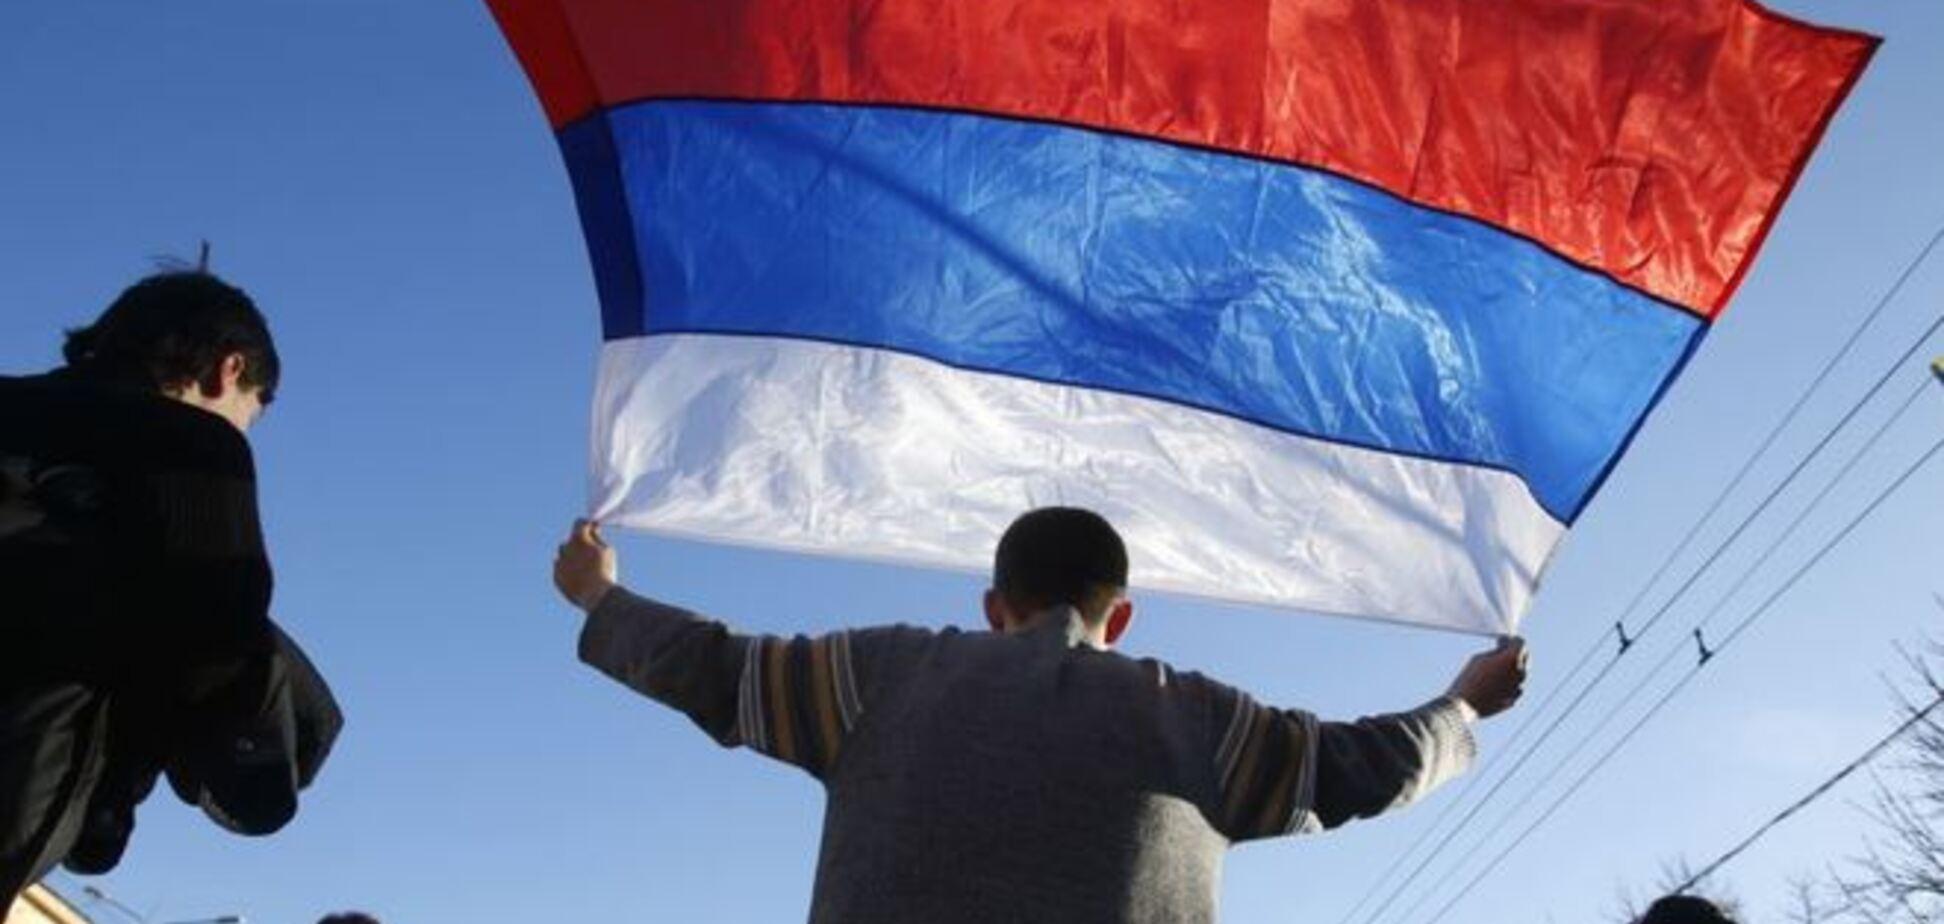 Украина объявит в международный розыск предателей из оккупированного Крыма